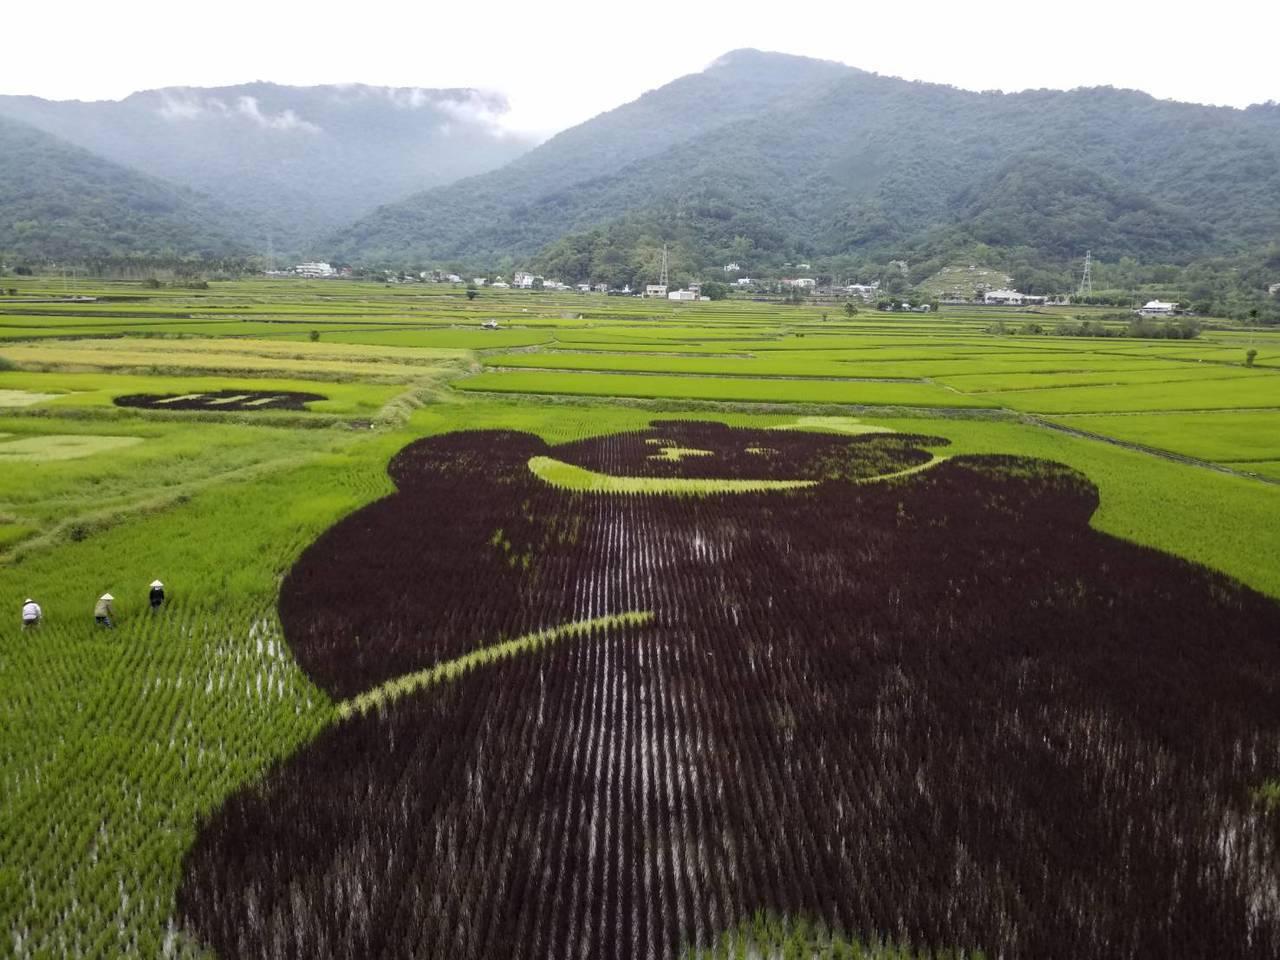 黑熊彩繪稻米一旁就是中央山脈,也是台灣黑熊的家,提醒大家對環境要更友善。圖/黑熊...